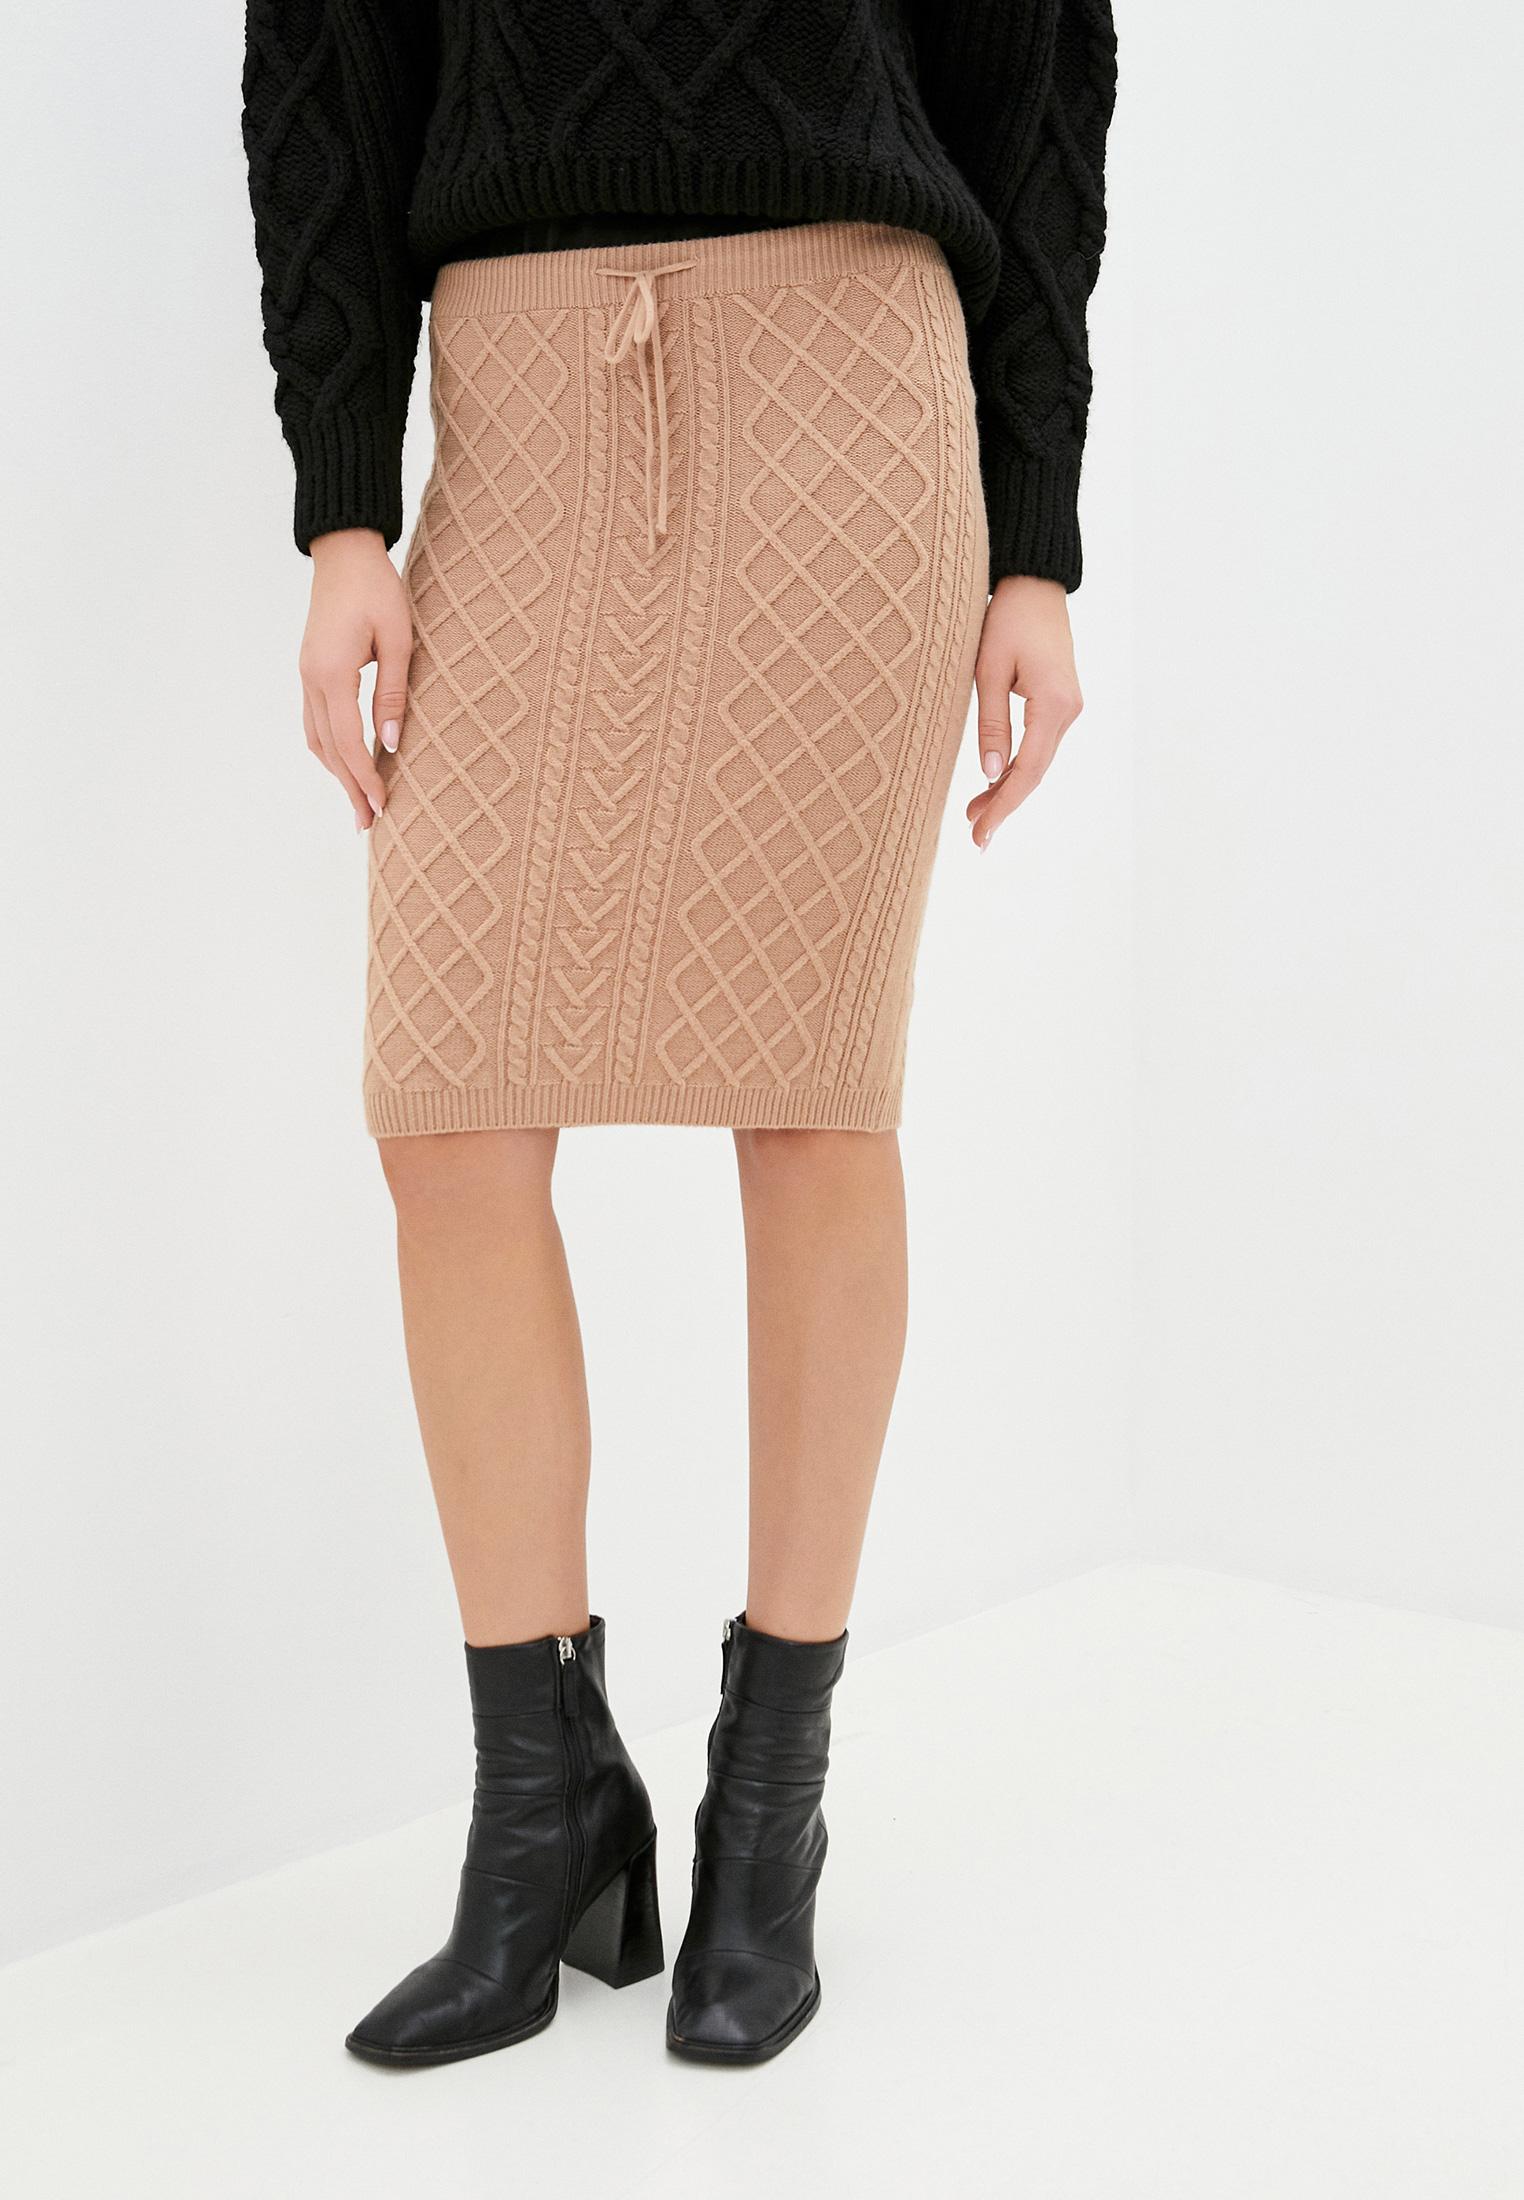 Узкая юбка Rinascimento (Ринасименто) CFM0009965003